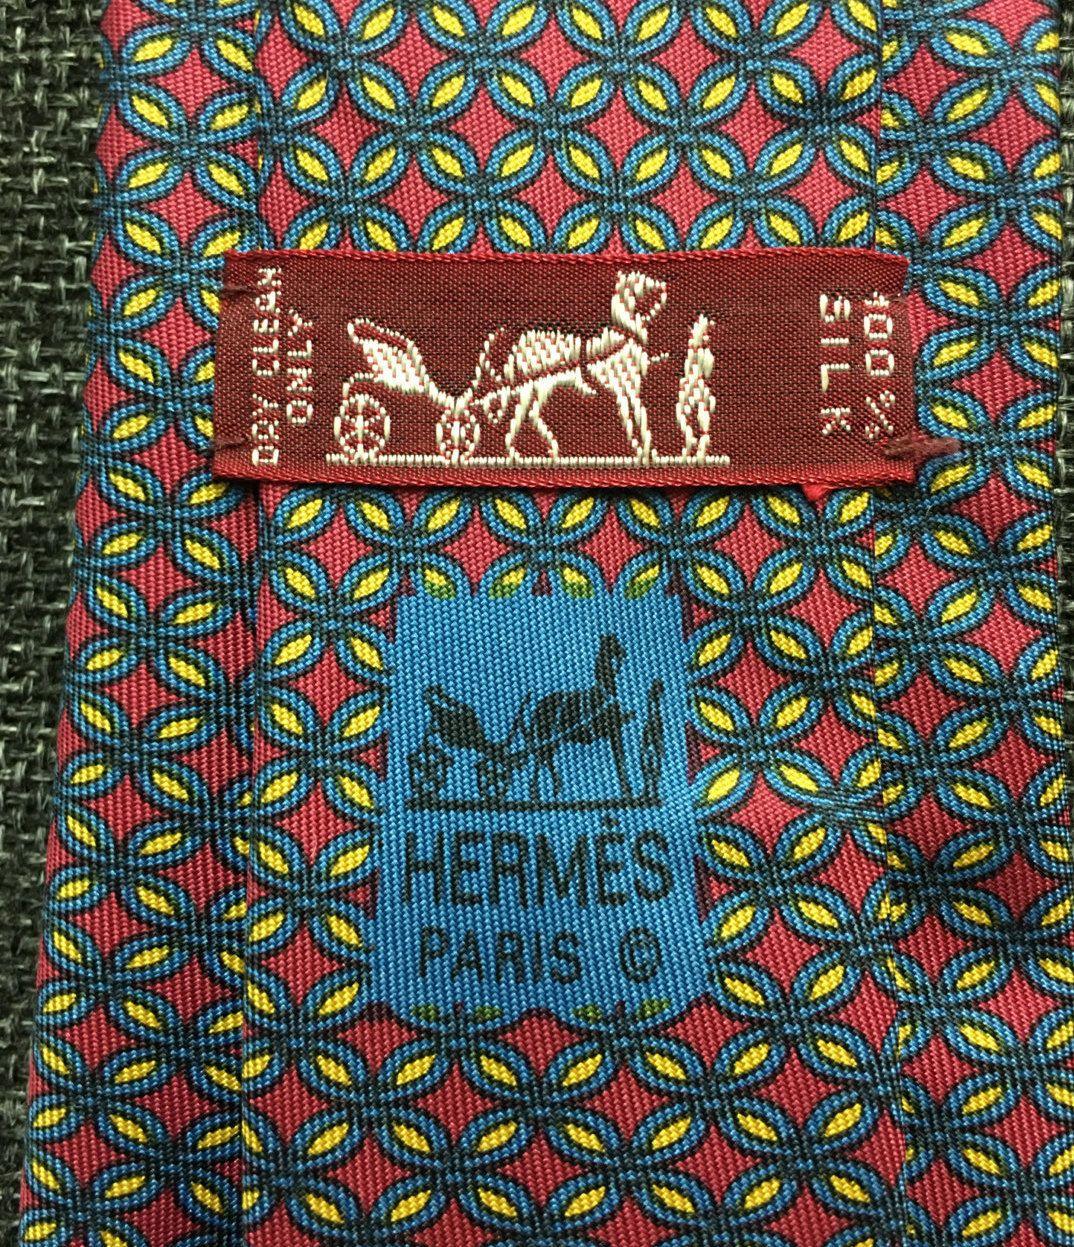 HERMÈS 100% Silk Tie - Interlocking Circles Pattern - 7064 TA Red AK3DnjcS